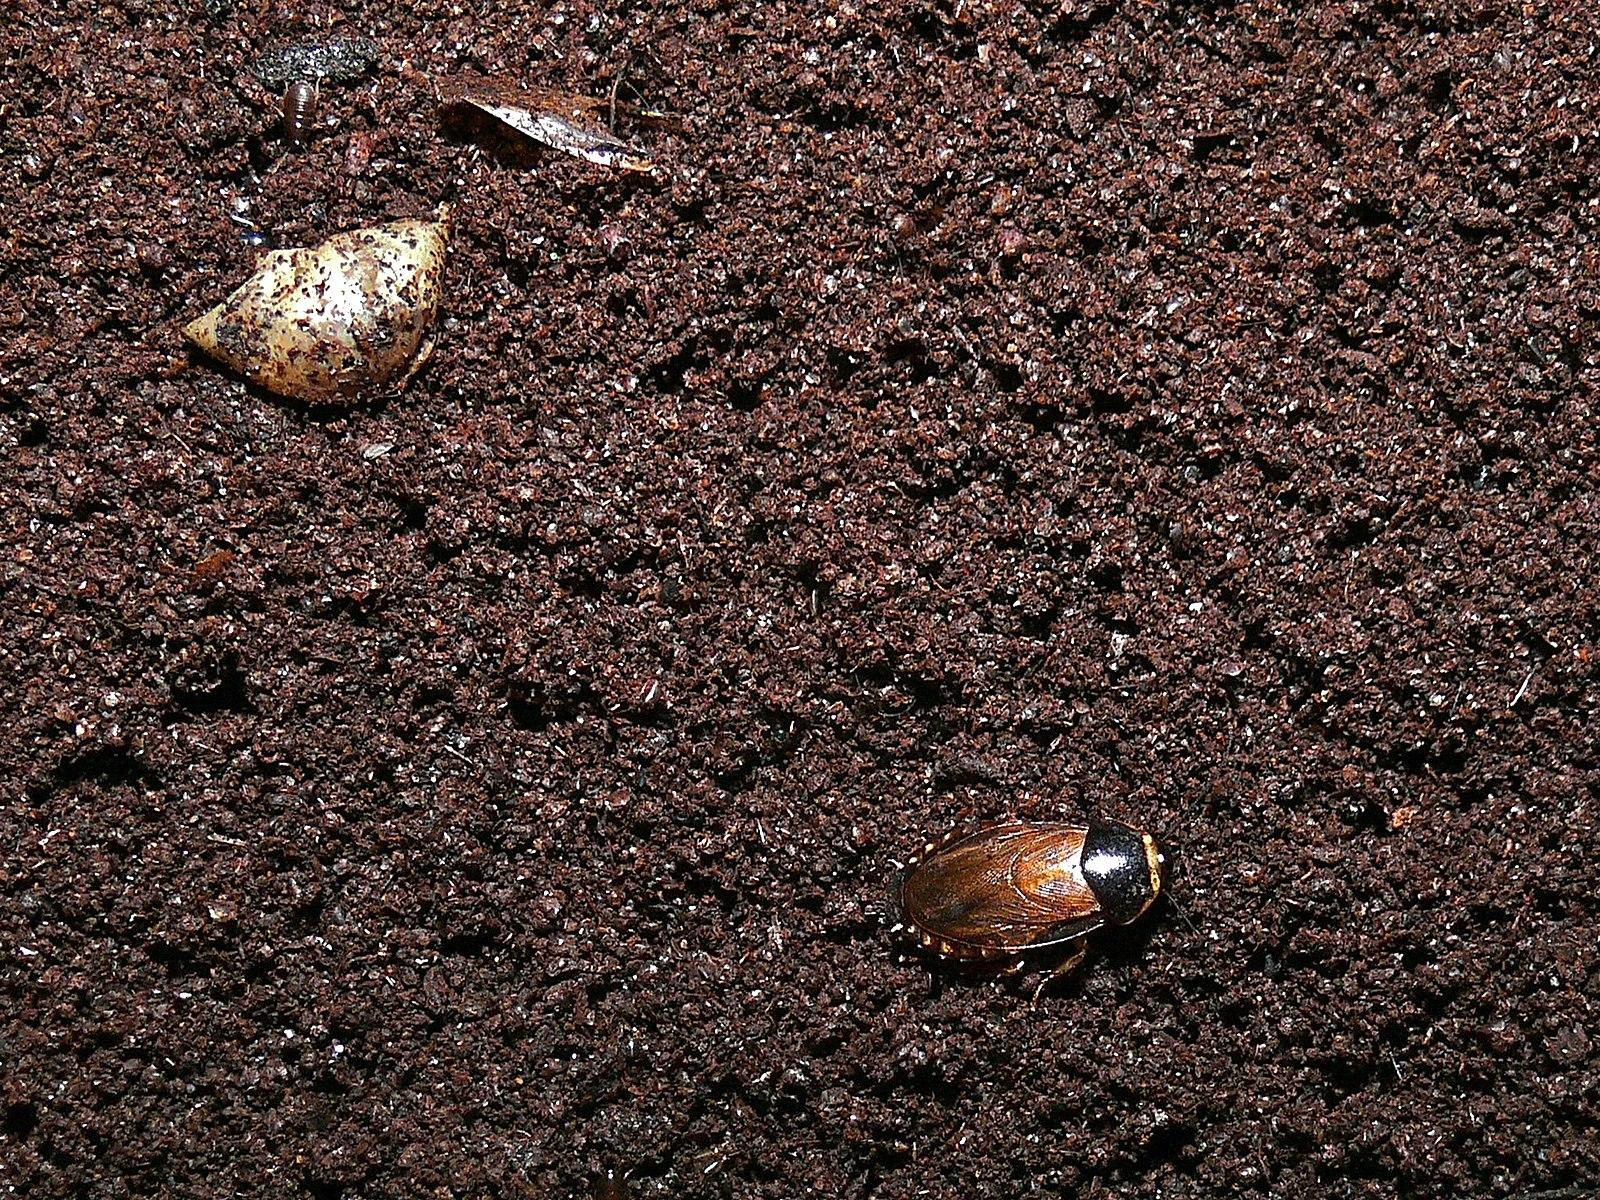 1600px-Cave_Cockroach_(Pycnoscelus_indic